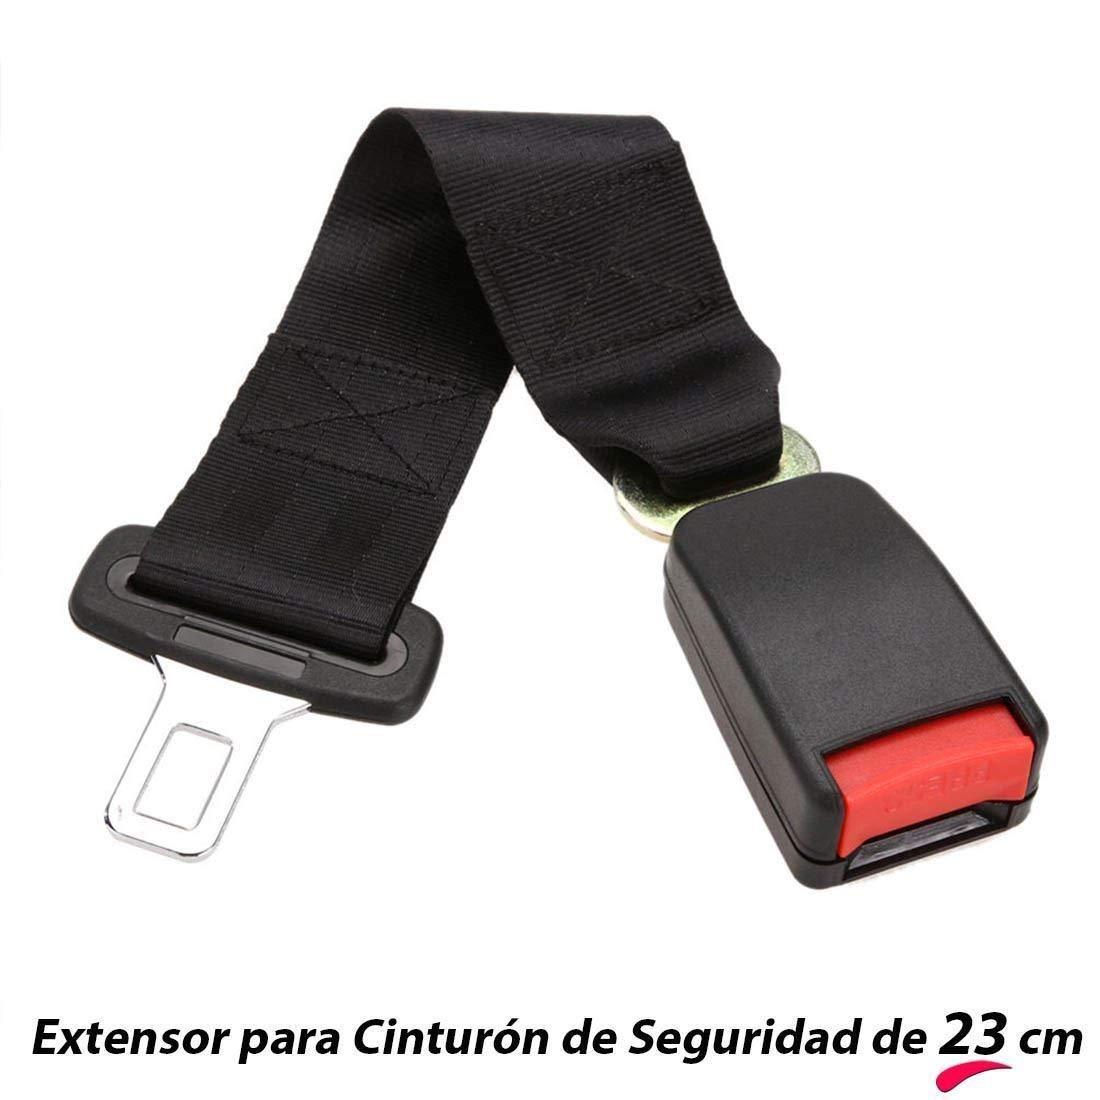 Extensor alargador de cinturón de coche universal para embarazadas seguridad para el bebé y la mamá Tutiendastore